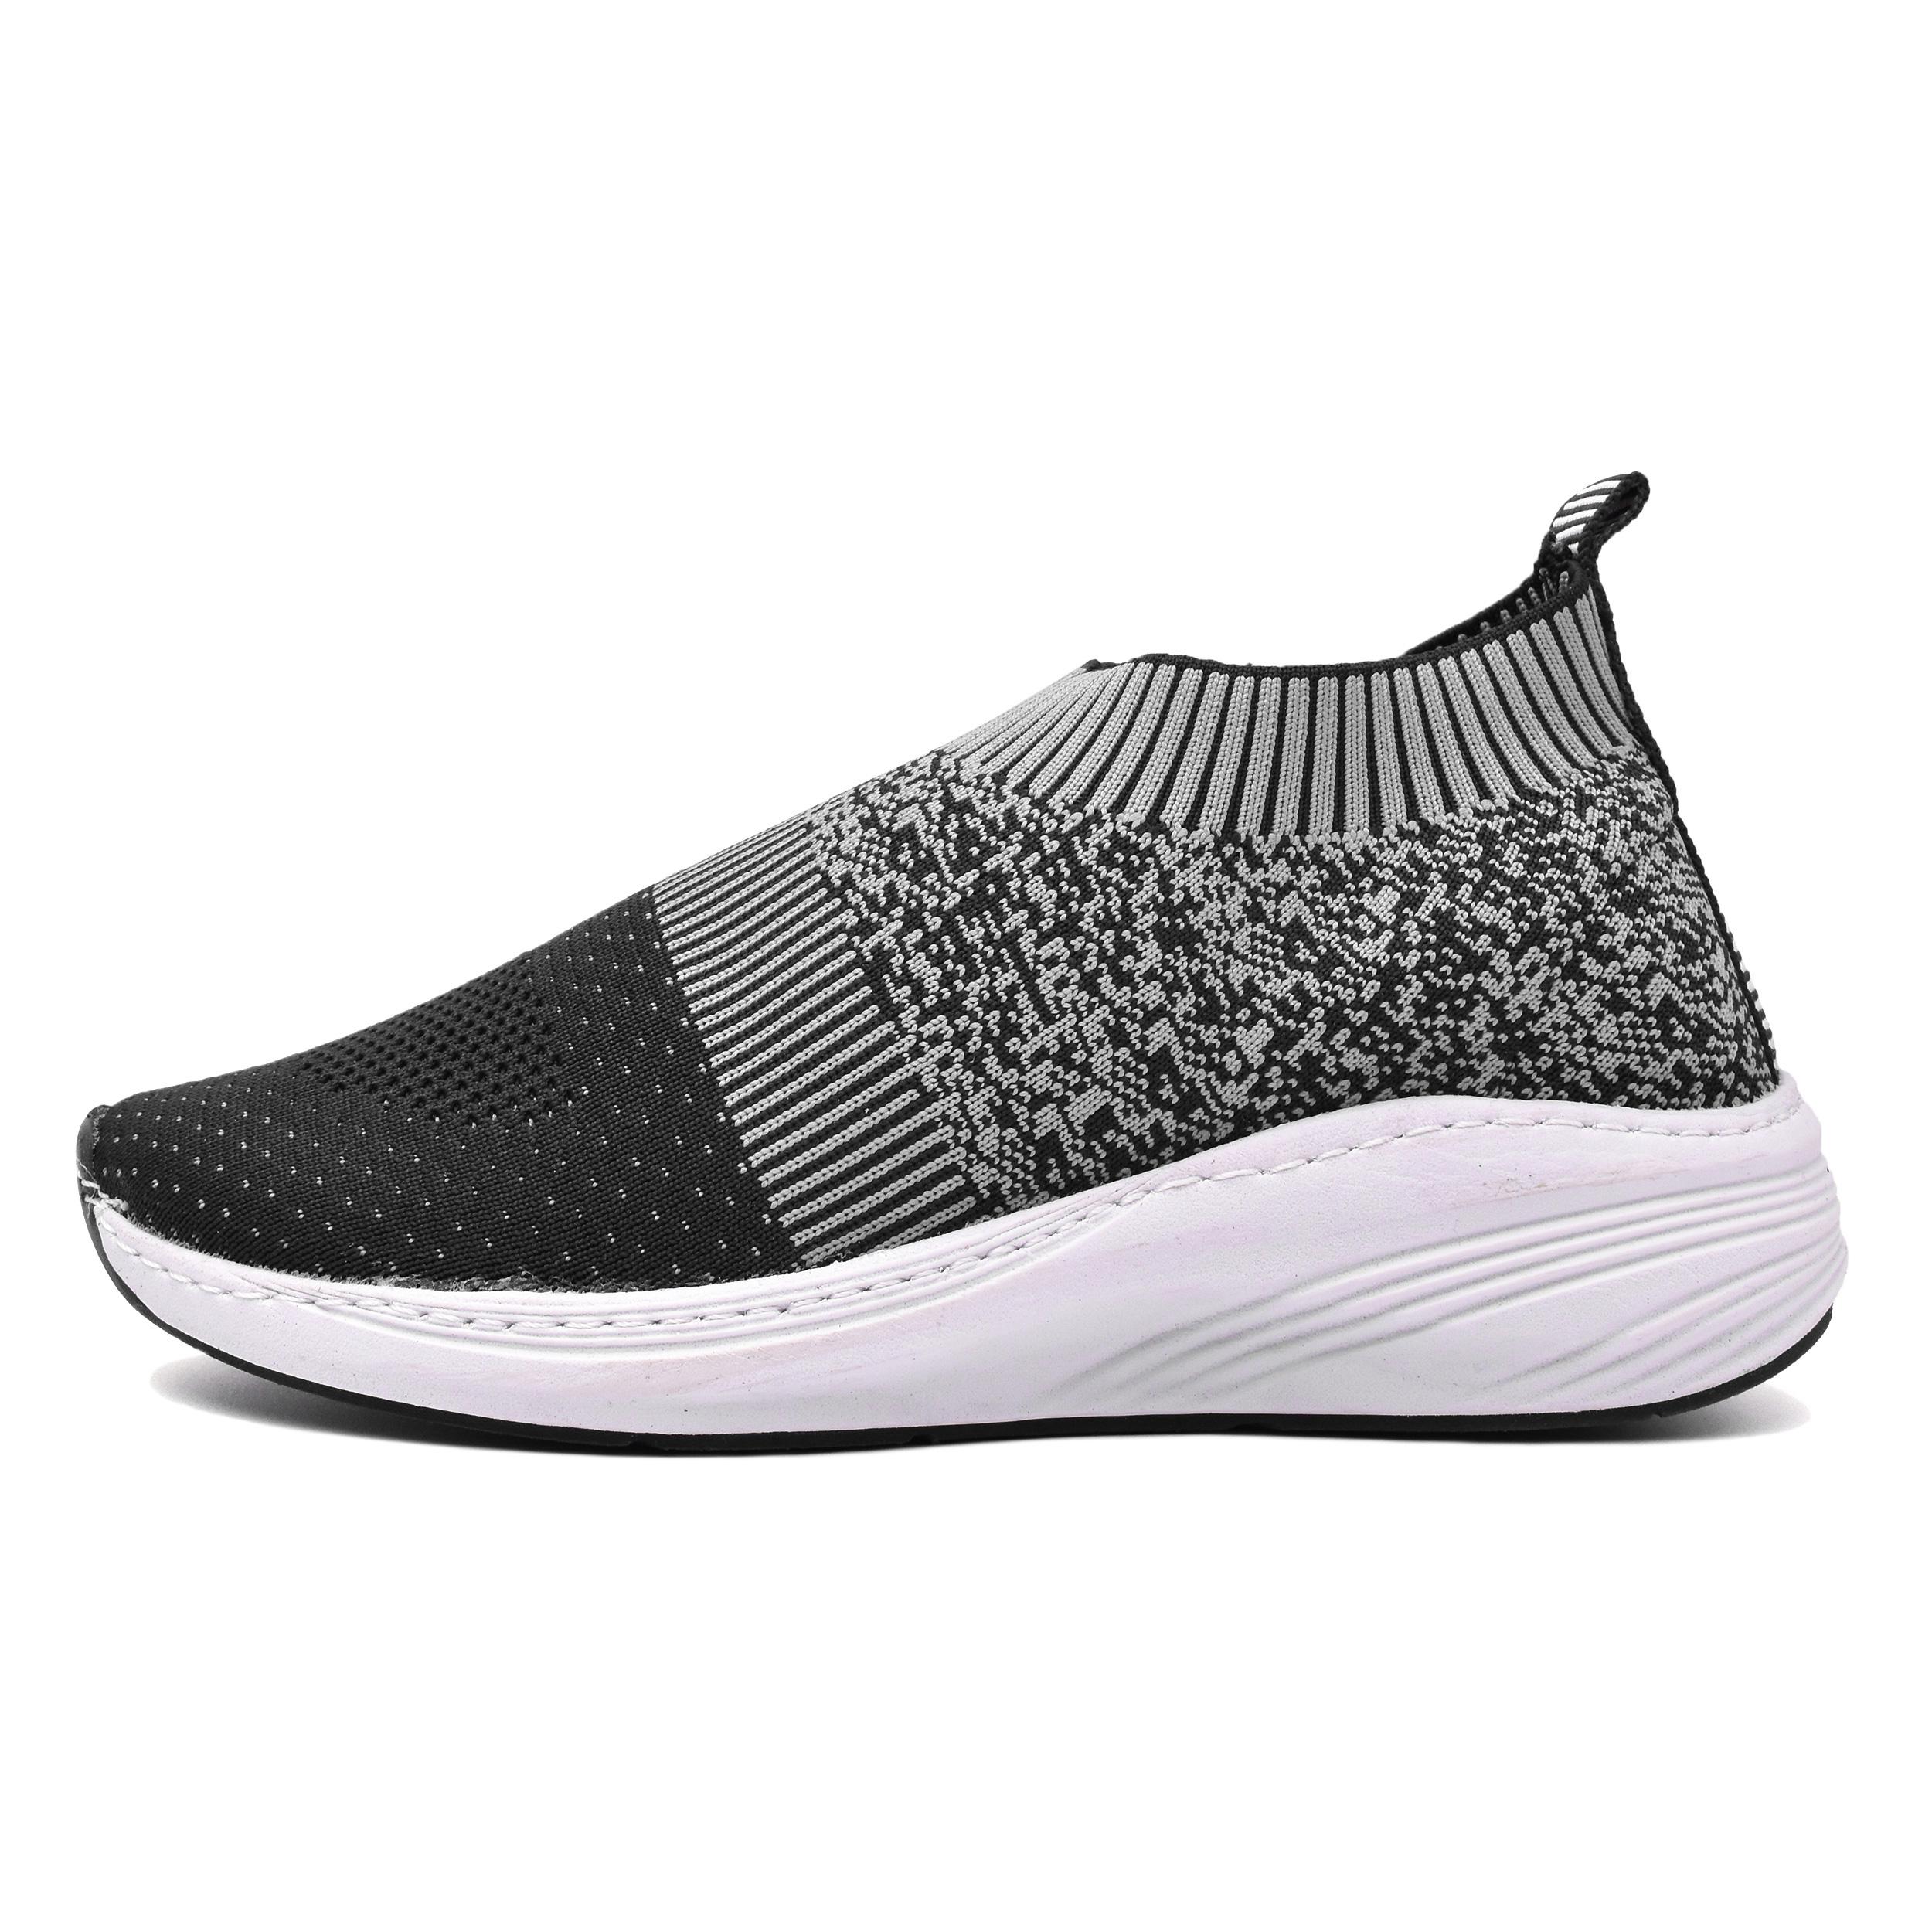 کفش مخصوص پیاده روی زنانه نسیم مدل آرتینا کد 6910              خرید